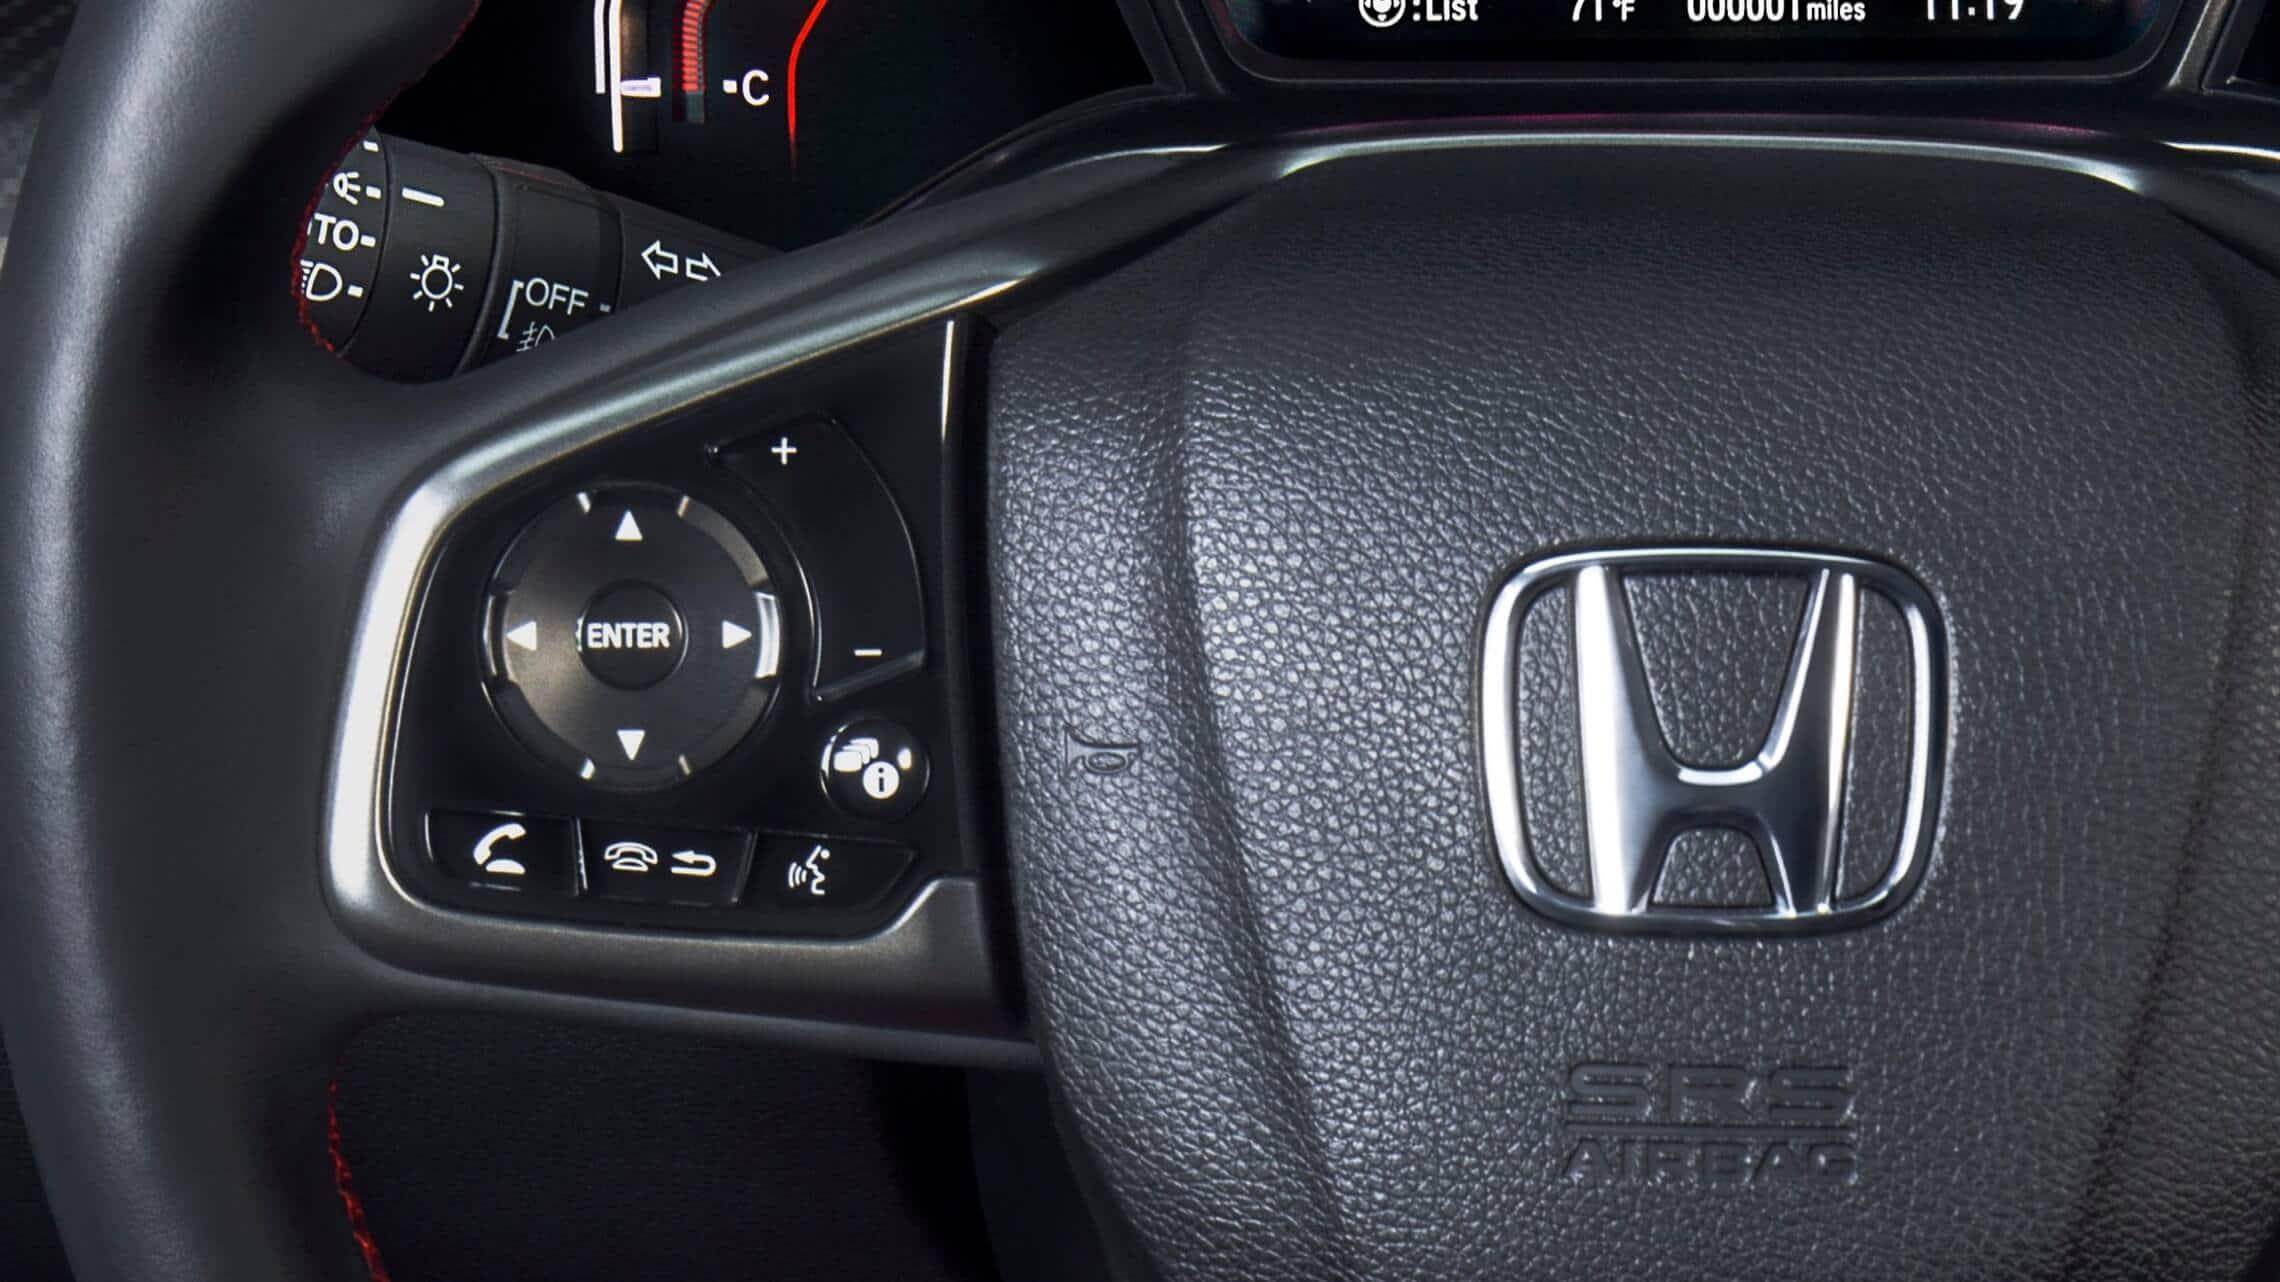 Detalle de los controles iluminados instalados en el volante del Honda Civic Si Coupé2020.